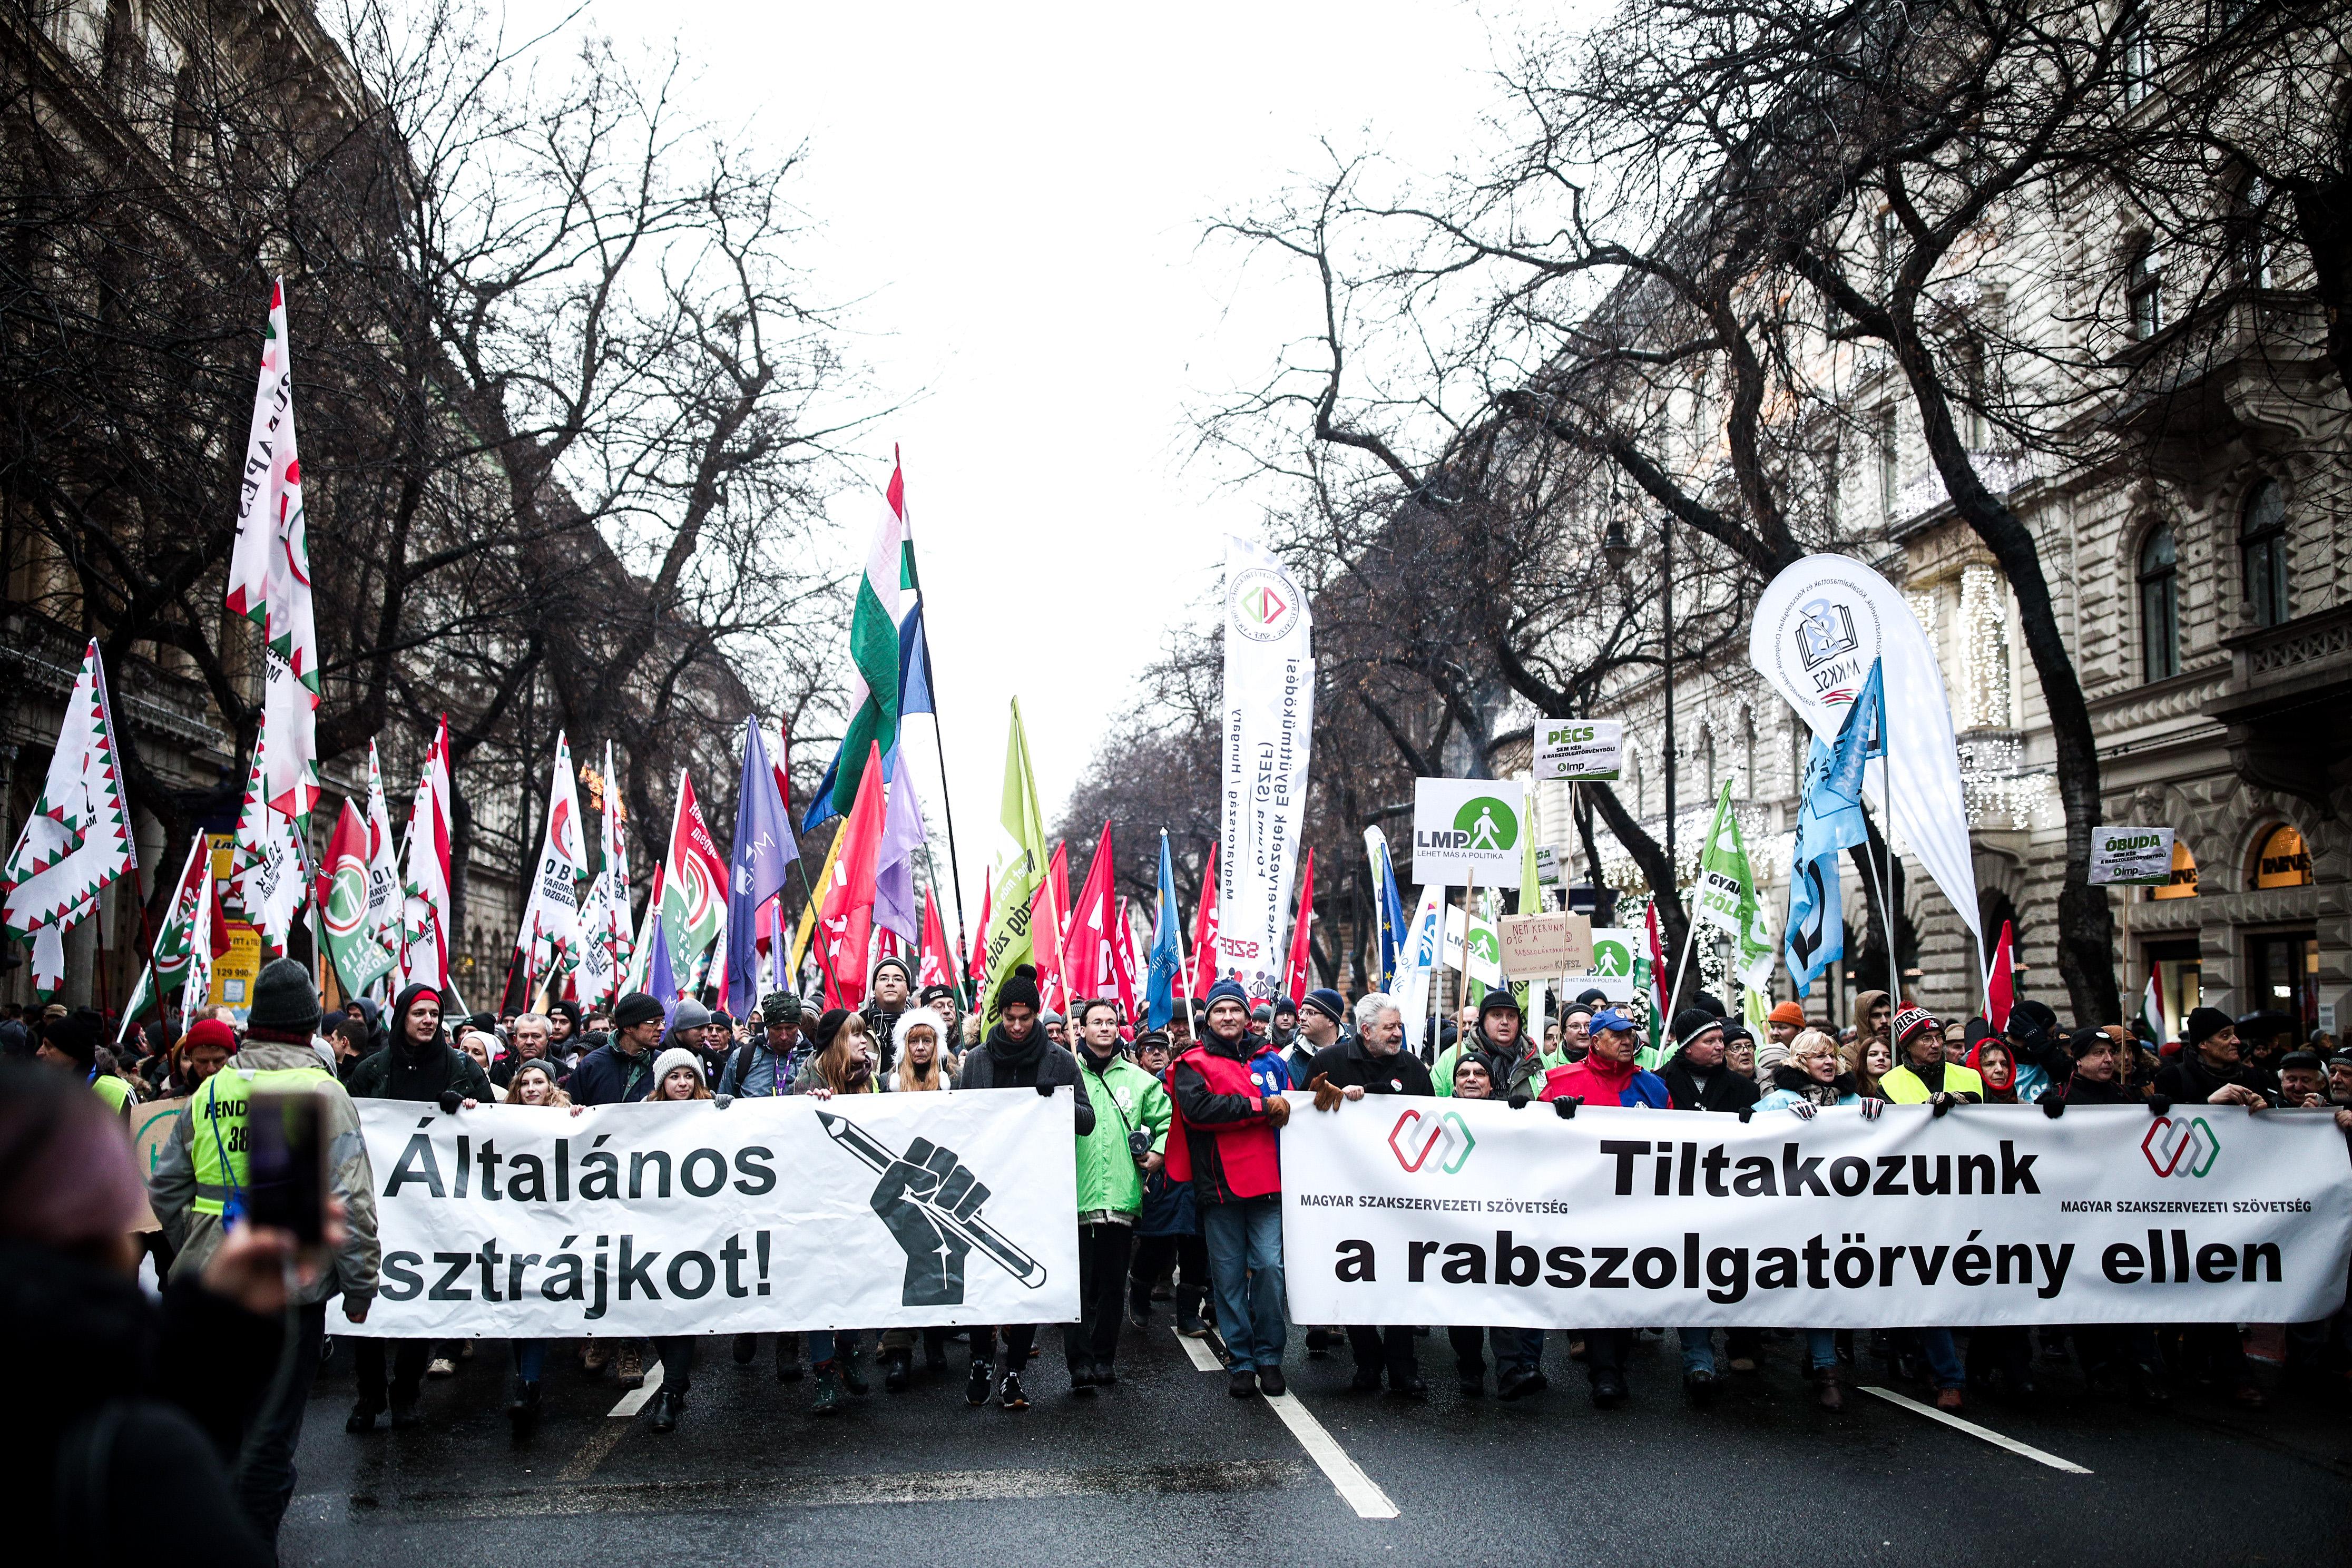 Bocsánatkérés és sérelemdíj jár az Origótól a túlóratörvény-tüntetés miatt listázott civileknek